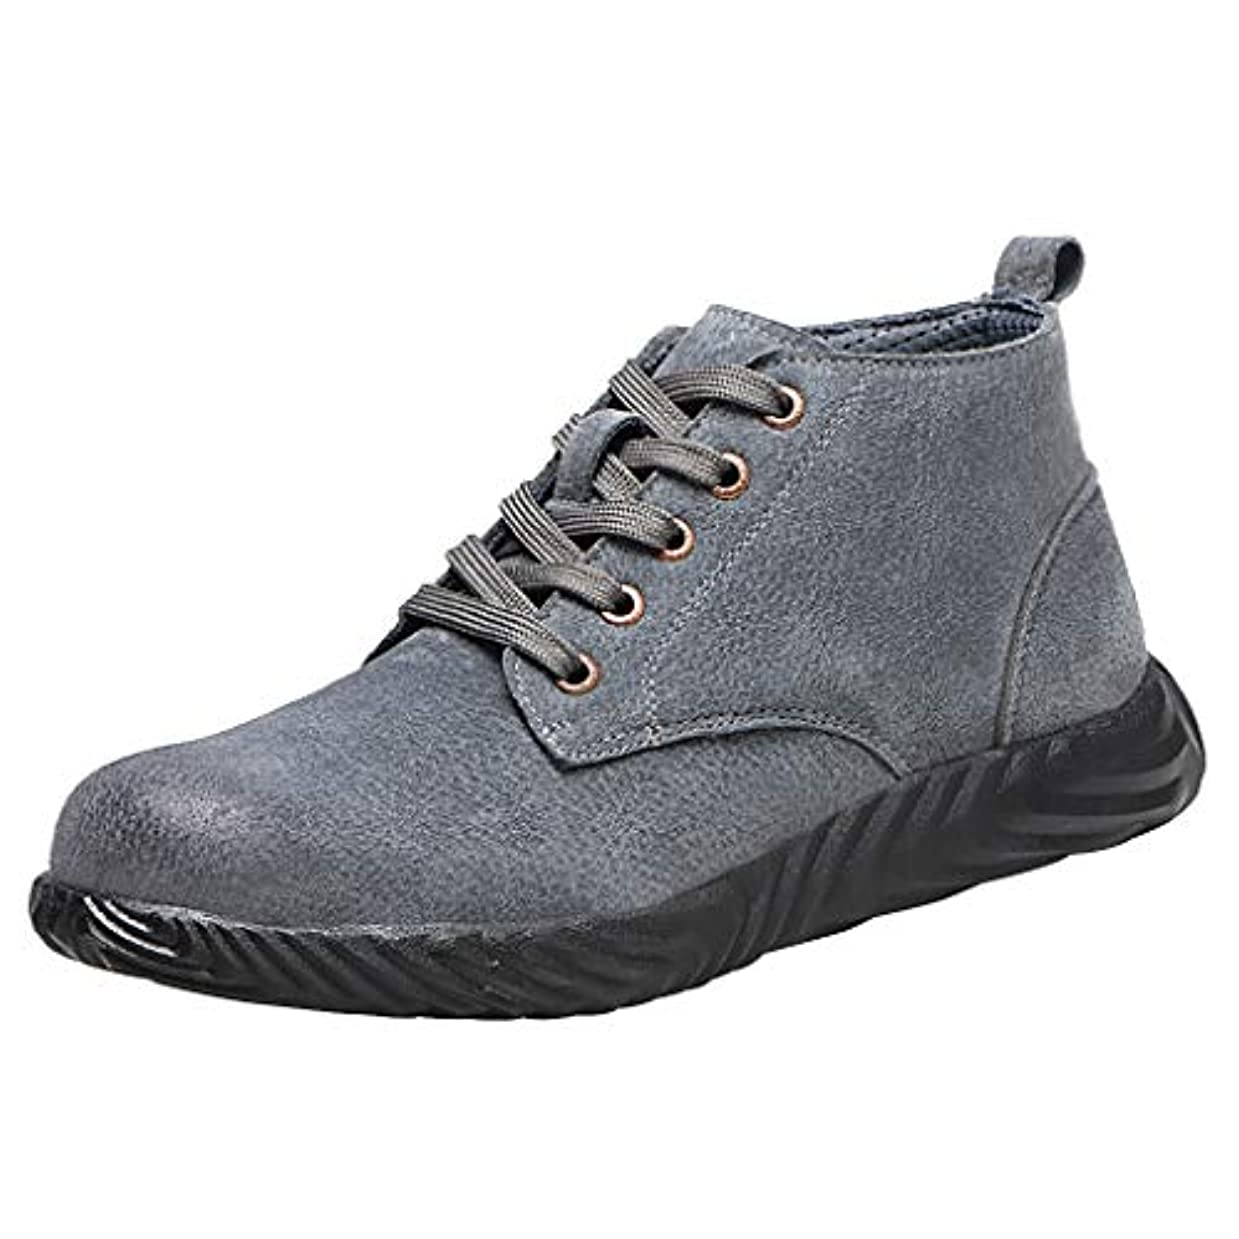 同化する平方大胆不敵[Sucute] 男性と女性 の通気性 の布鋼包頭 牛肉の腱底 抗スマッシングスタブ 保護靴 安全作業靴 保護靴 高い助け ファッショントレンド 海沿いの旅行に適しています (36-46)